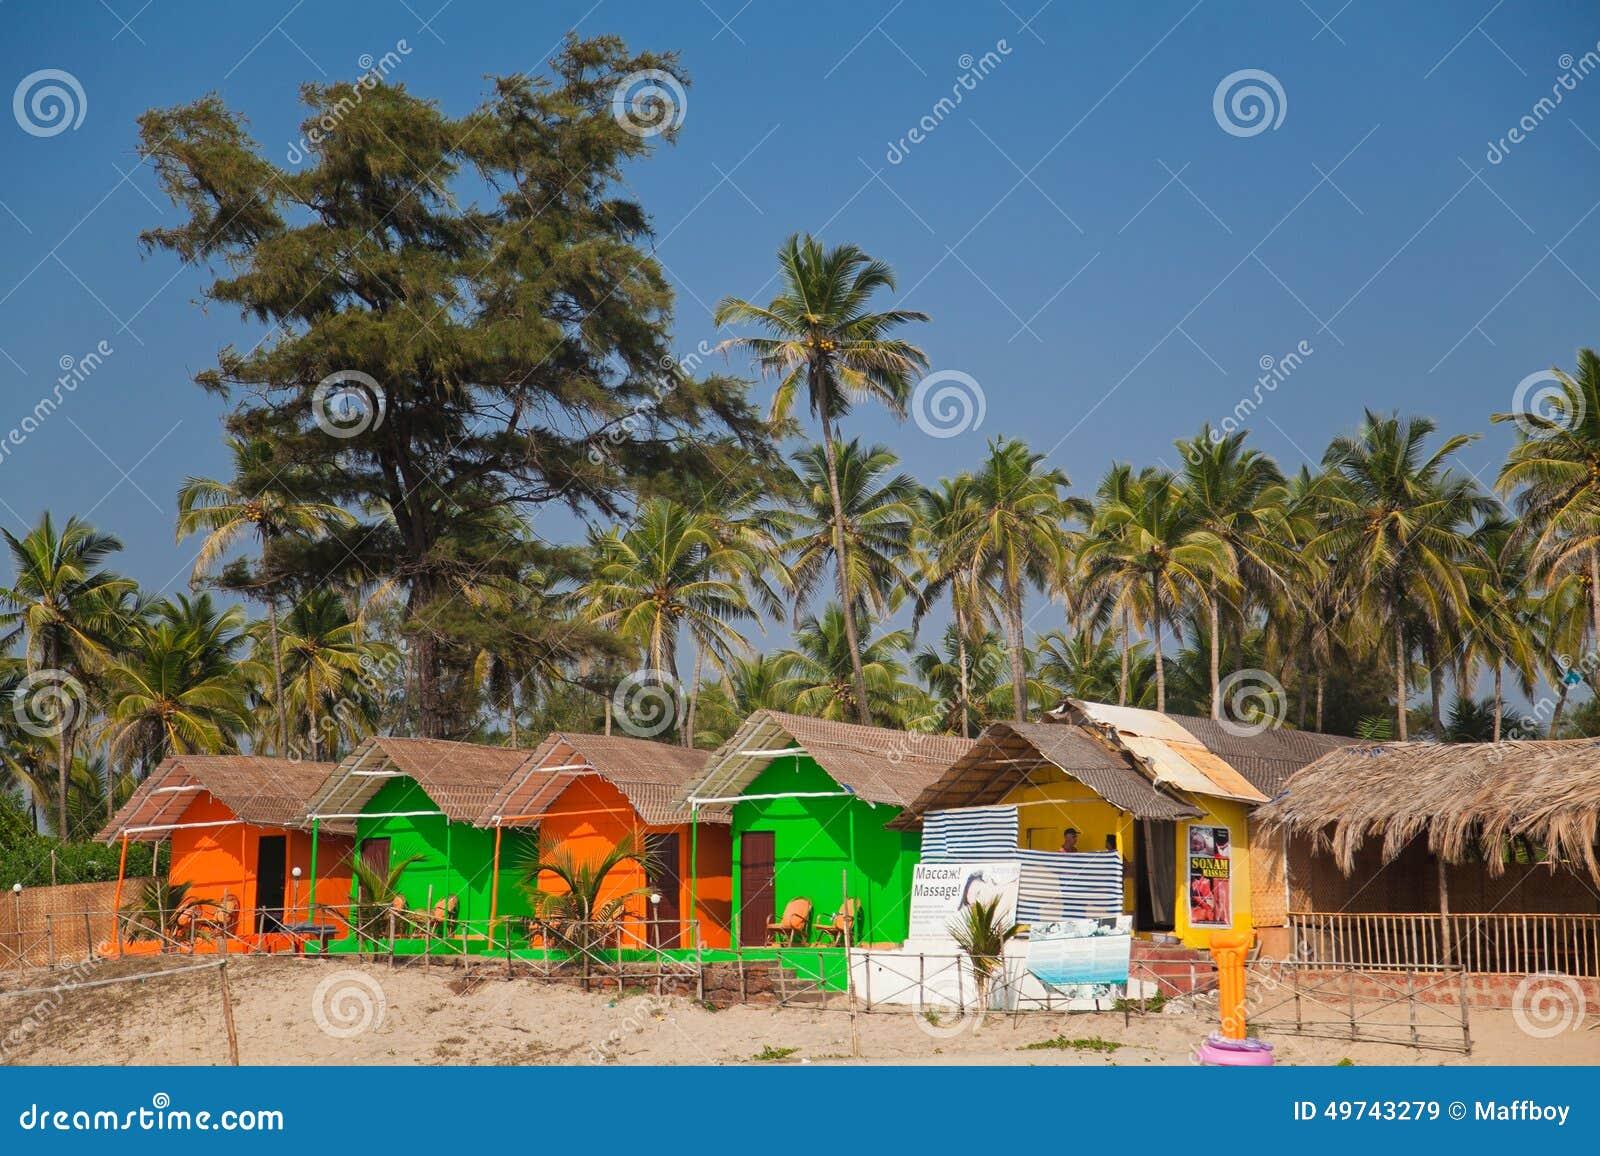 Kolorowe budy na plaży